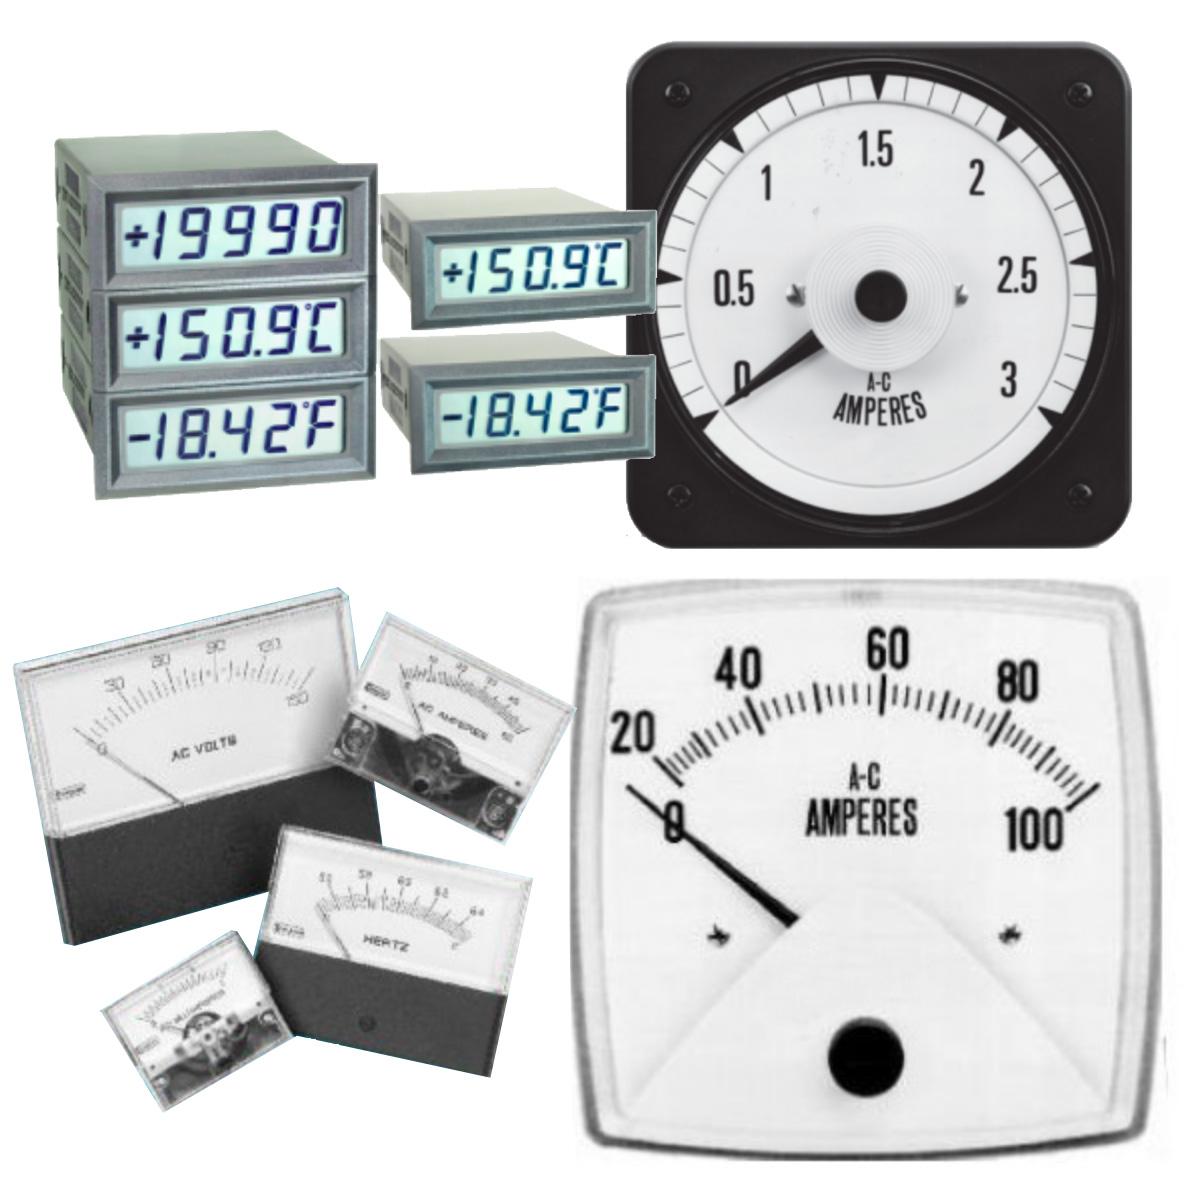 Analog and Digital Meters